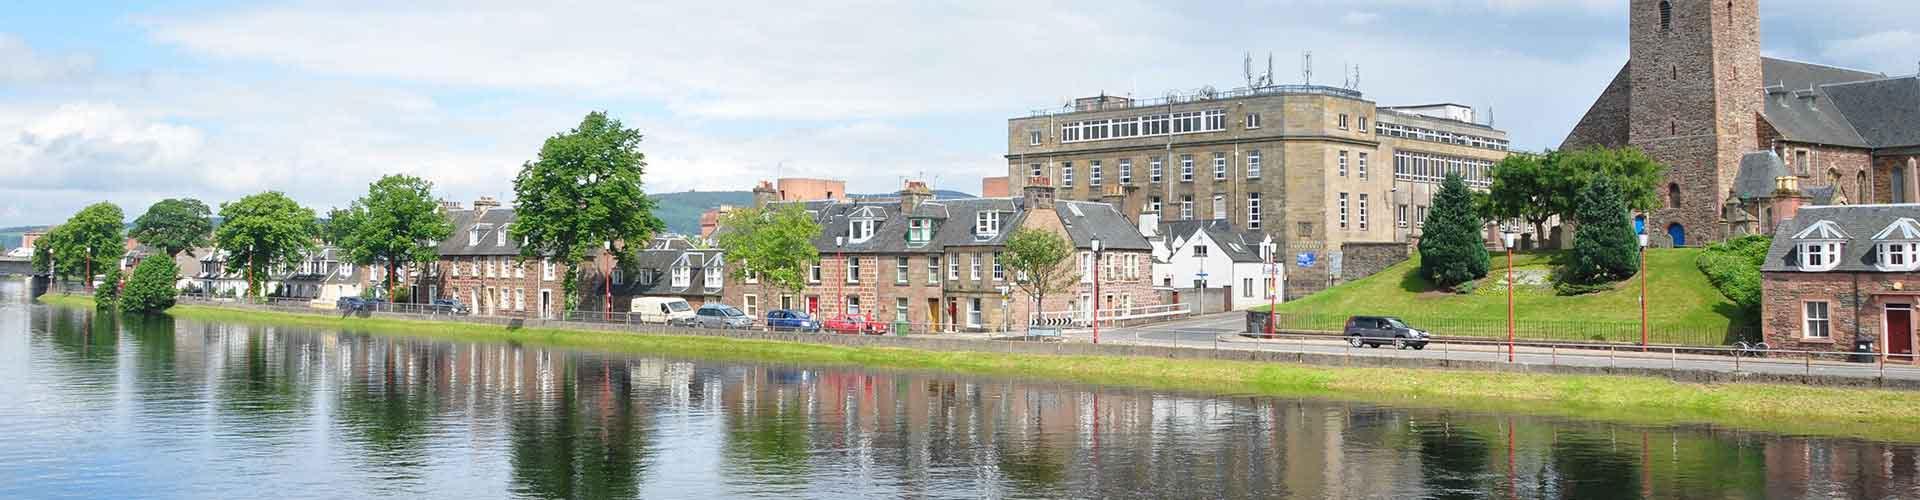 Inverness - Habitaciones en Inverness. Mapas de Inverness, Fotos y comentarios de cada Habitación en Inverness.